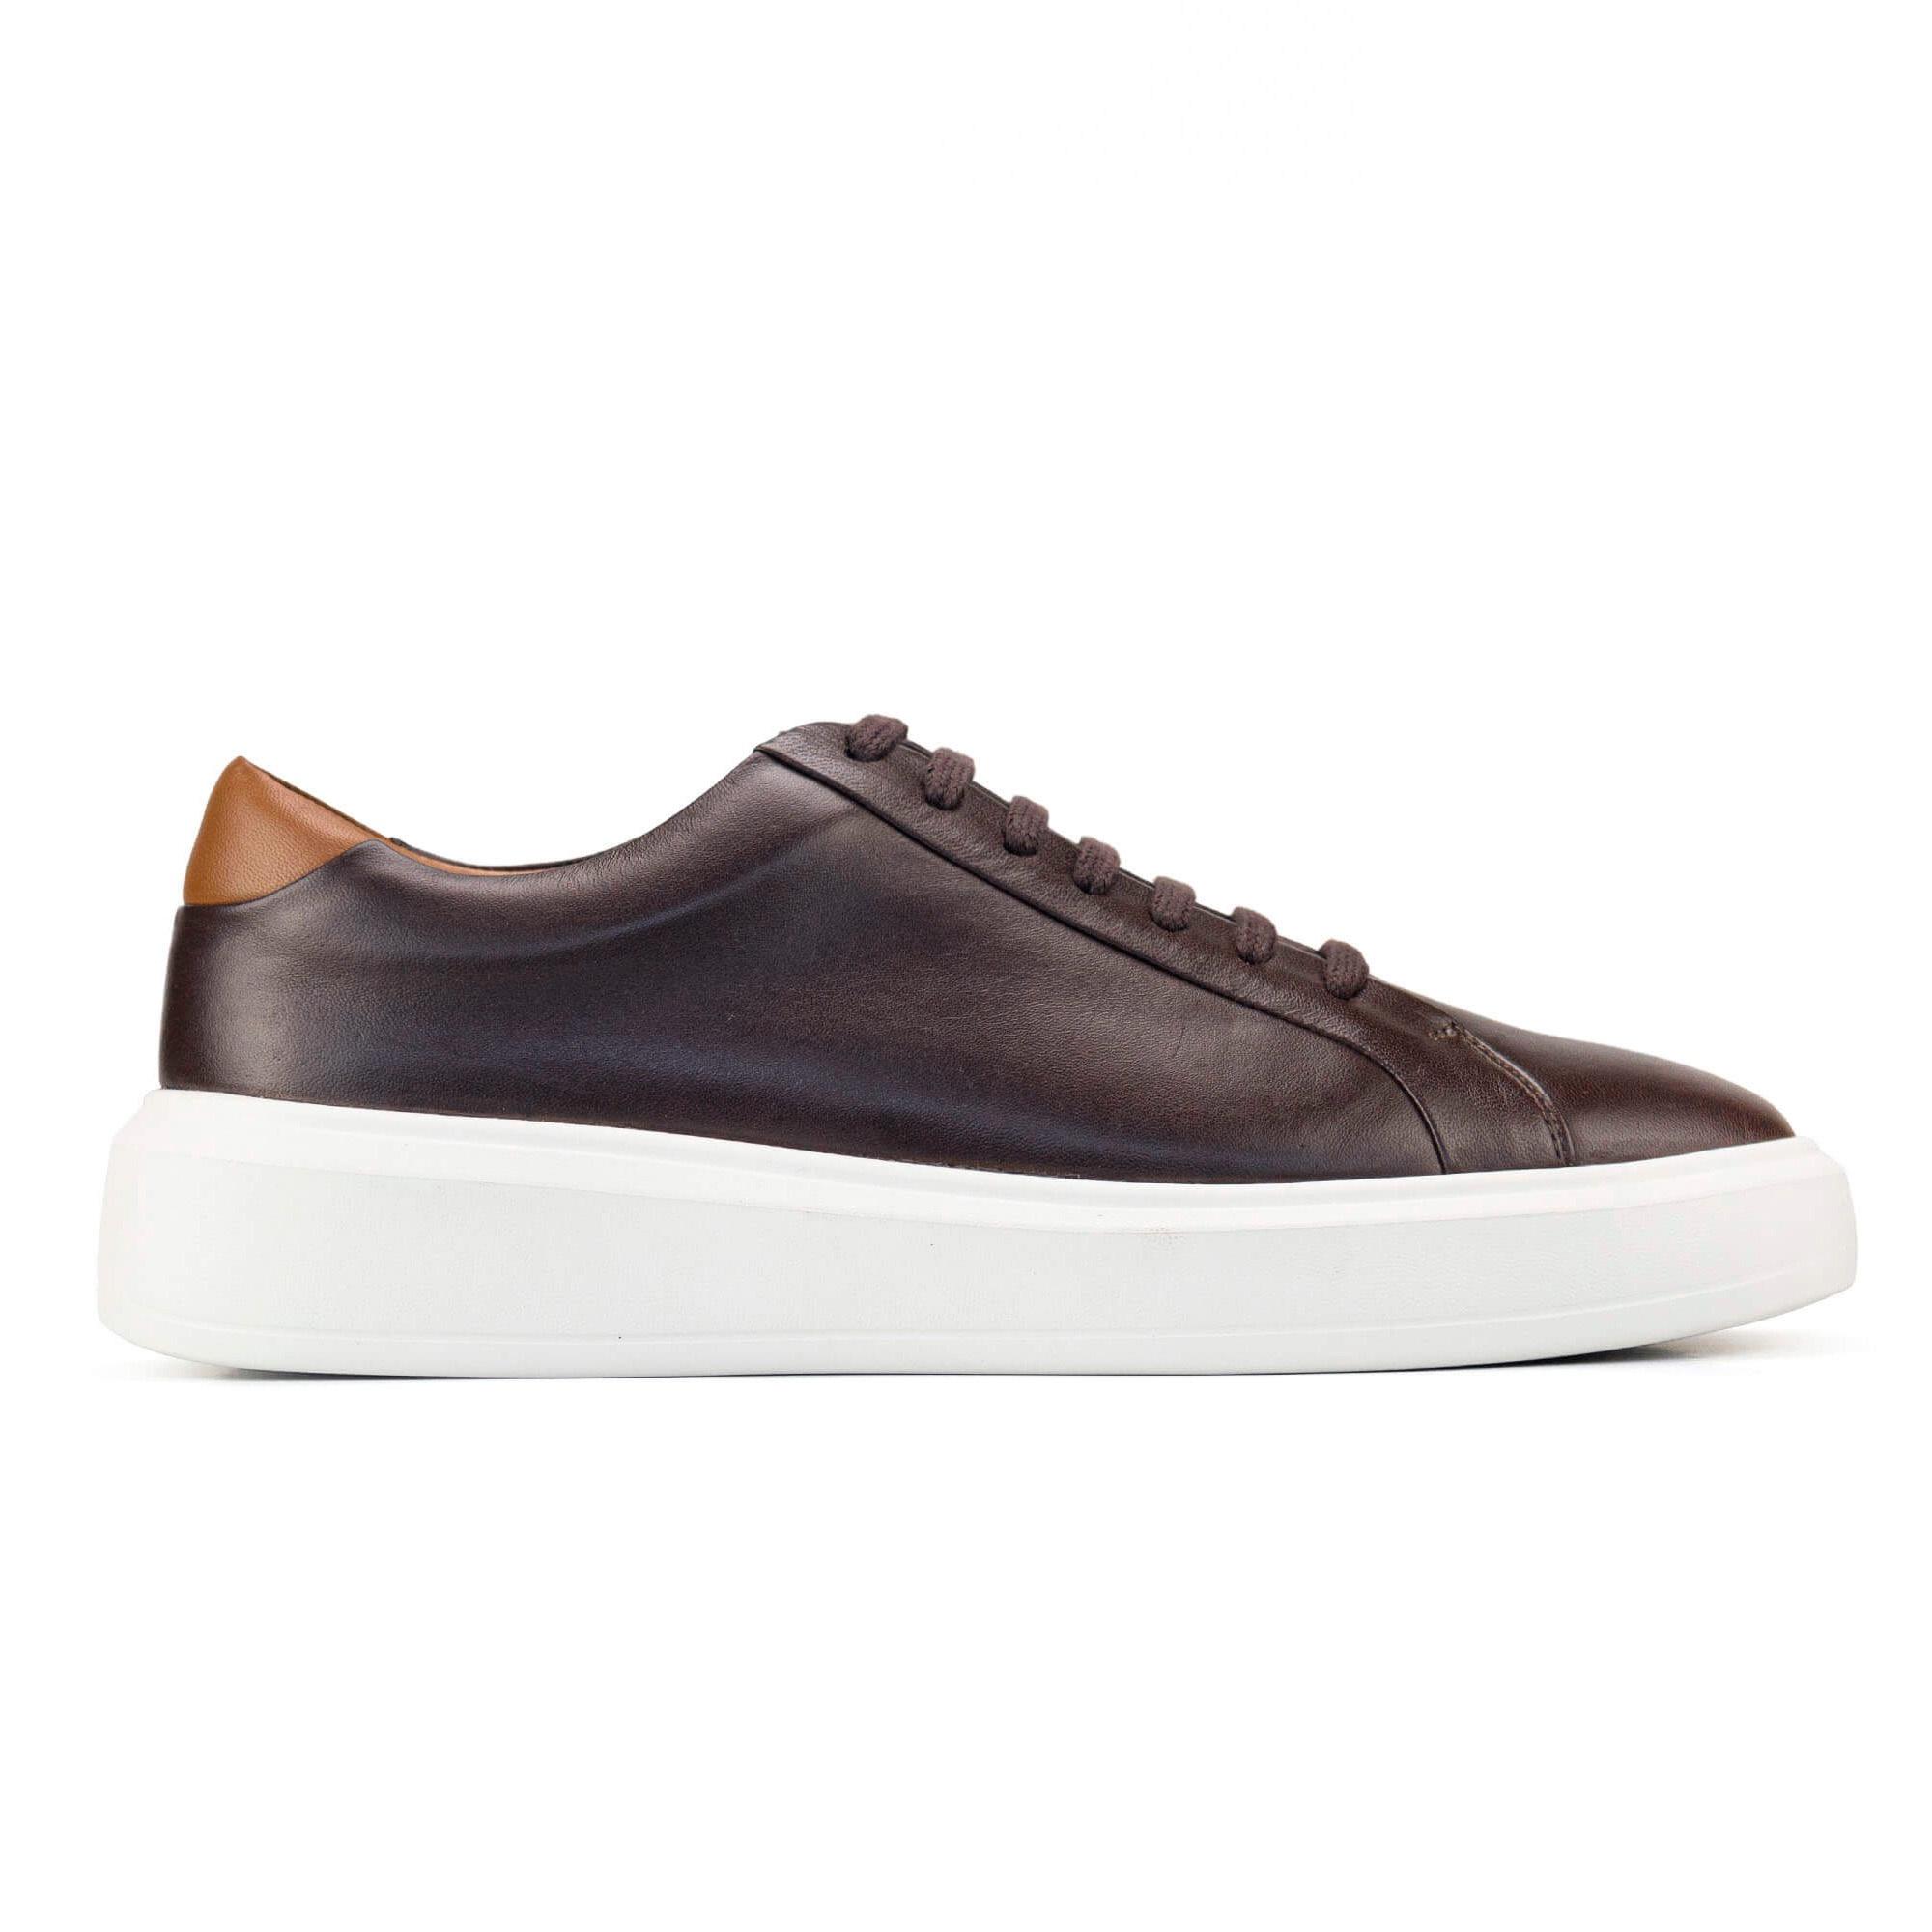 Sneaker Masculino Lewis Marrom